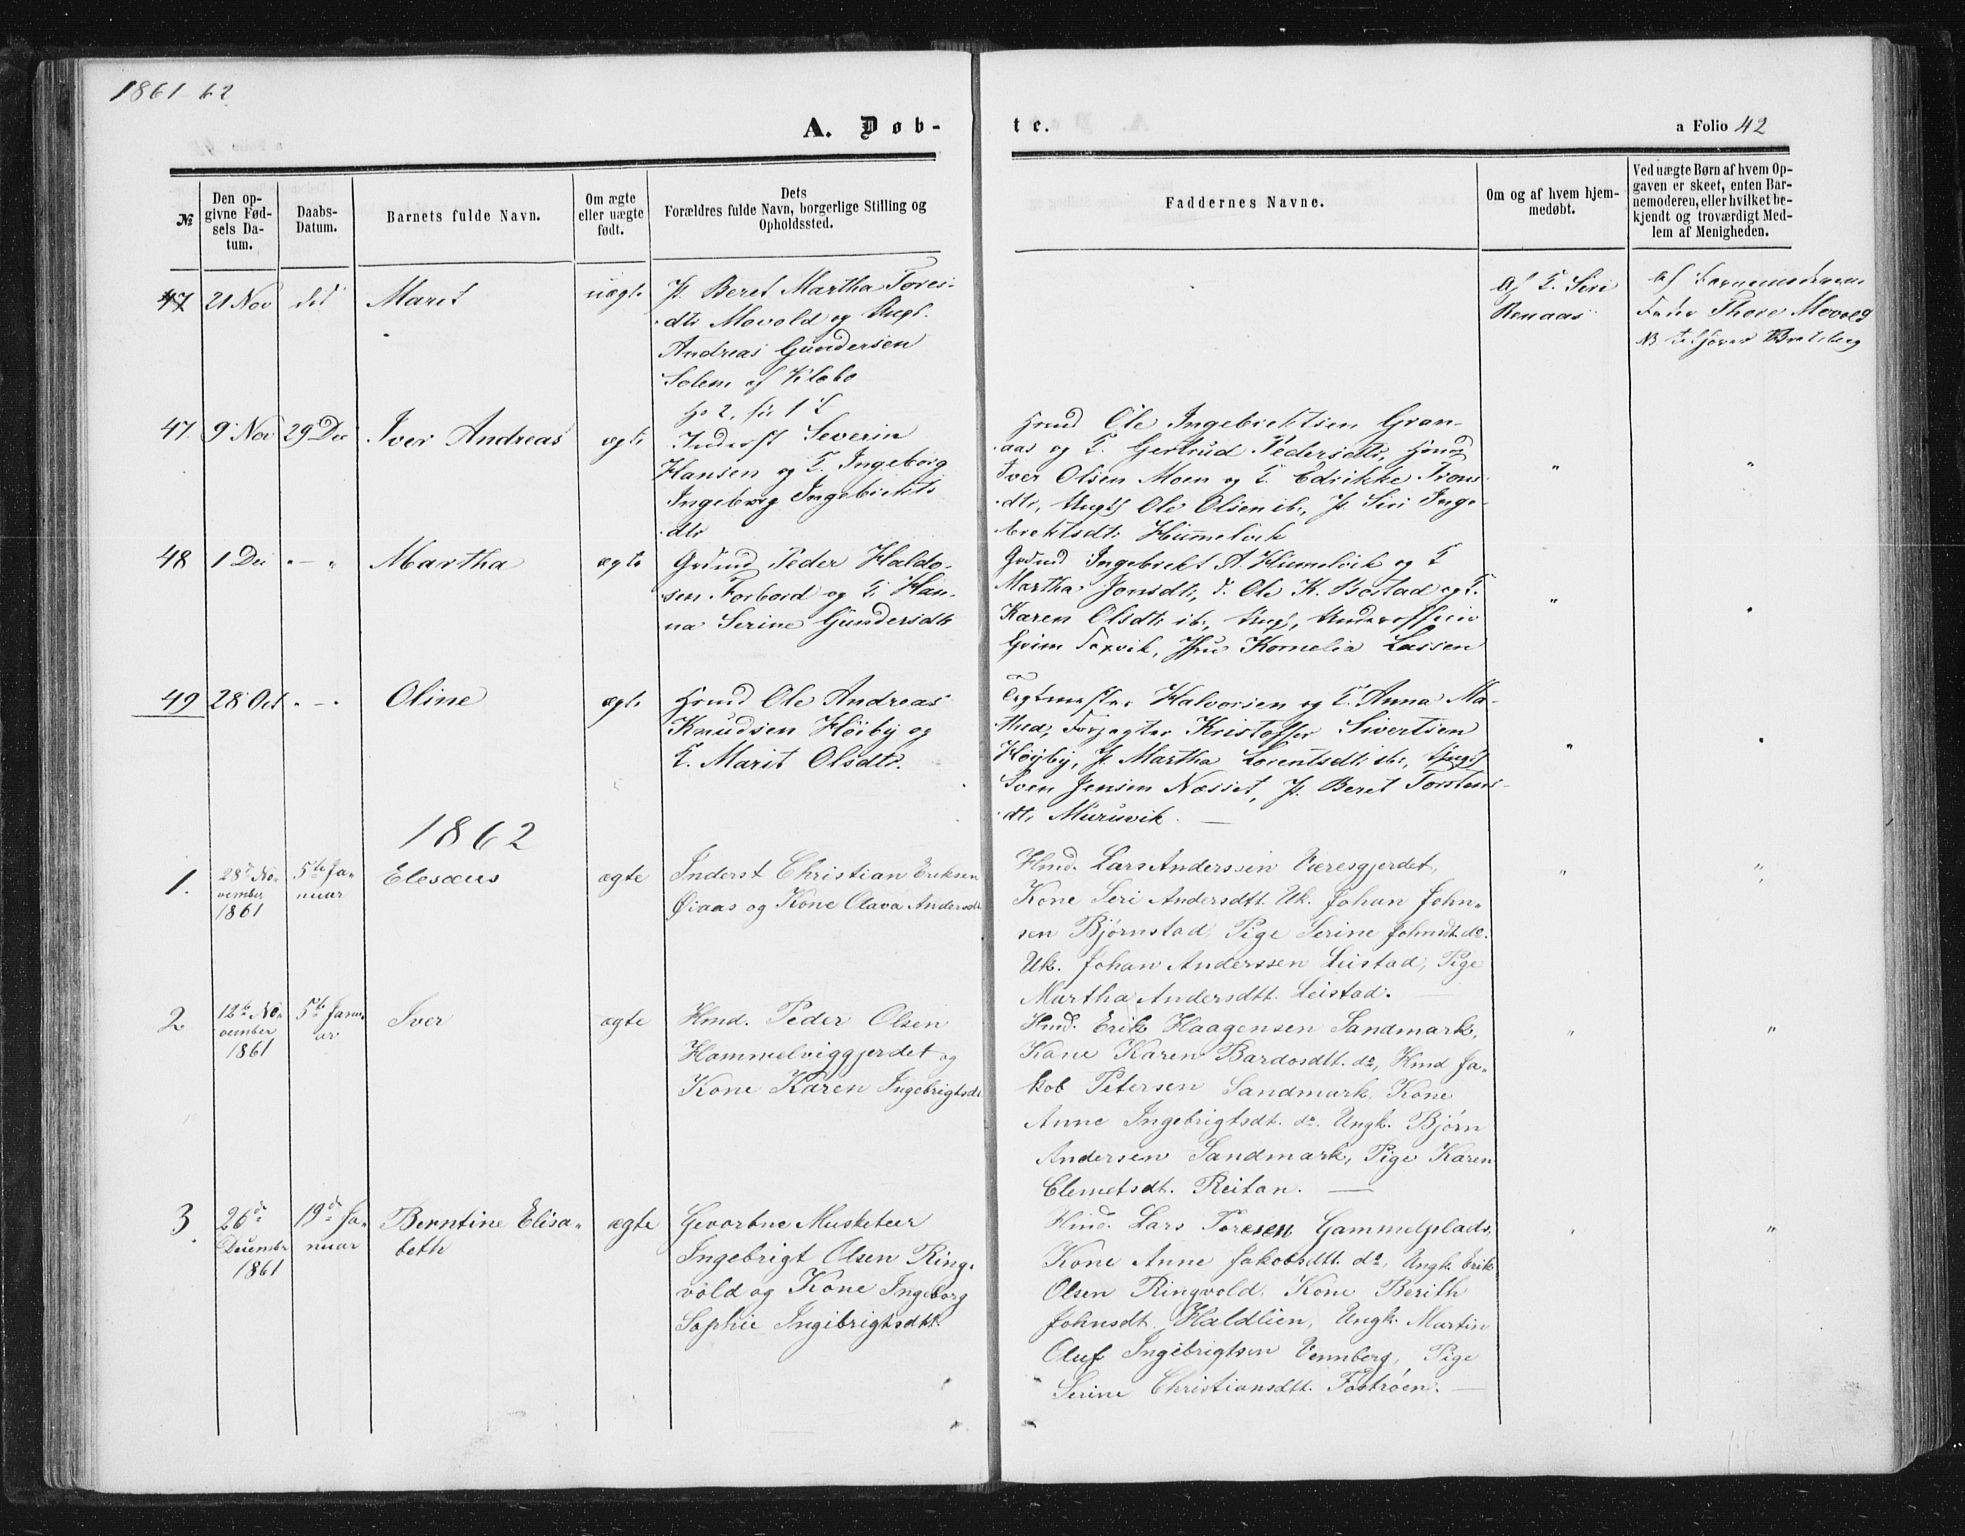 SAT, Ministerialprotokoller, klokkerbøker og fødselsregistre - Sør-Trøndelag, 616/L0408: Ministerialbok nr. 616A05, 1857-1865, s. 42